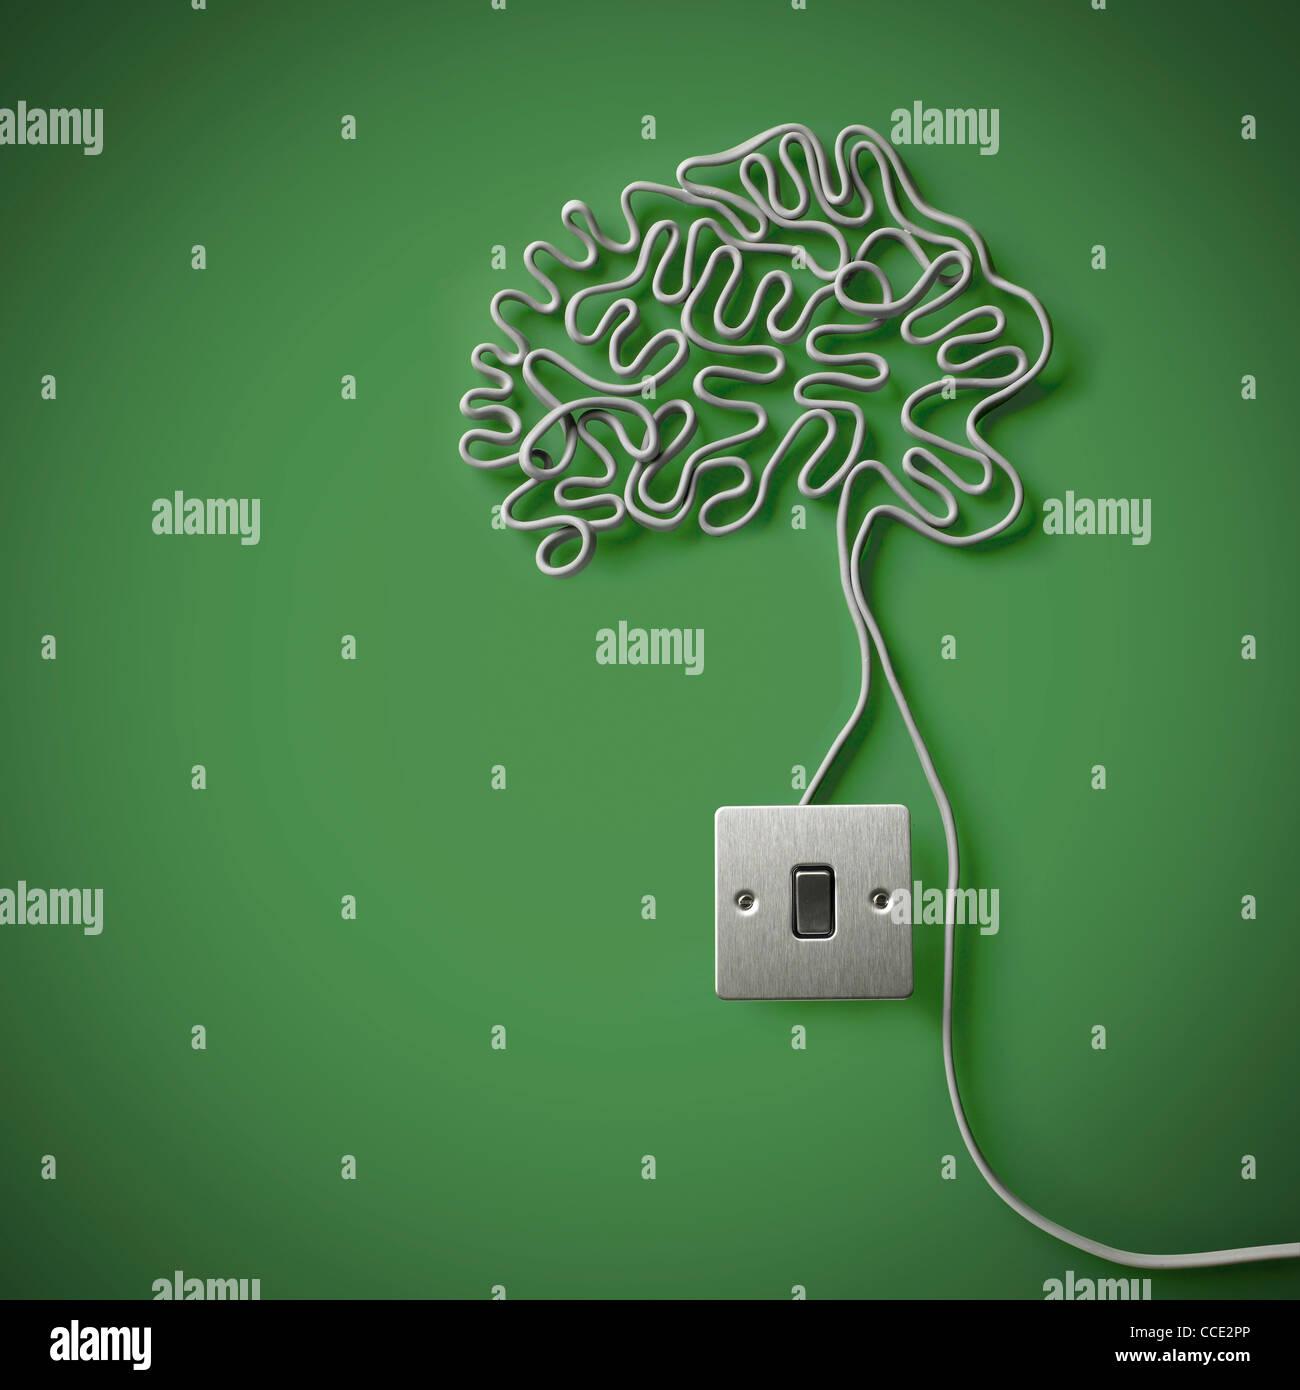 El cerebro humano de electricidad cable gris con un interruptor de luz Imagen De Stock